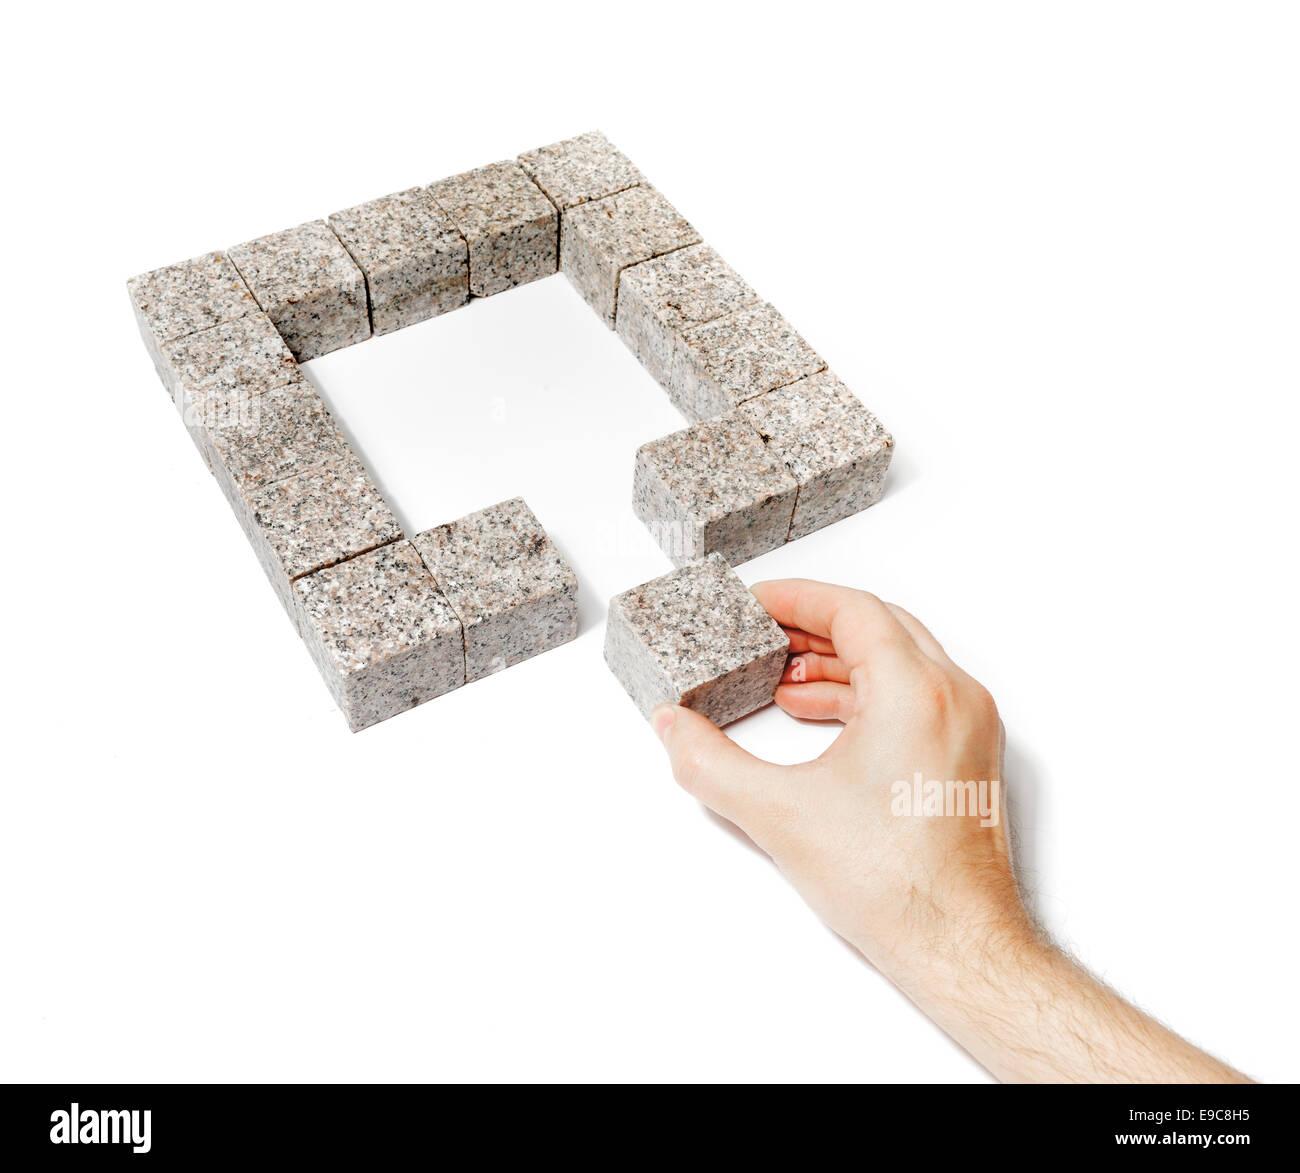 Acabado el hombre una plaza hecha de pequeños bloques de roca de granito. Imagen De Stock